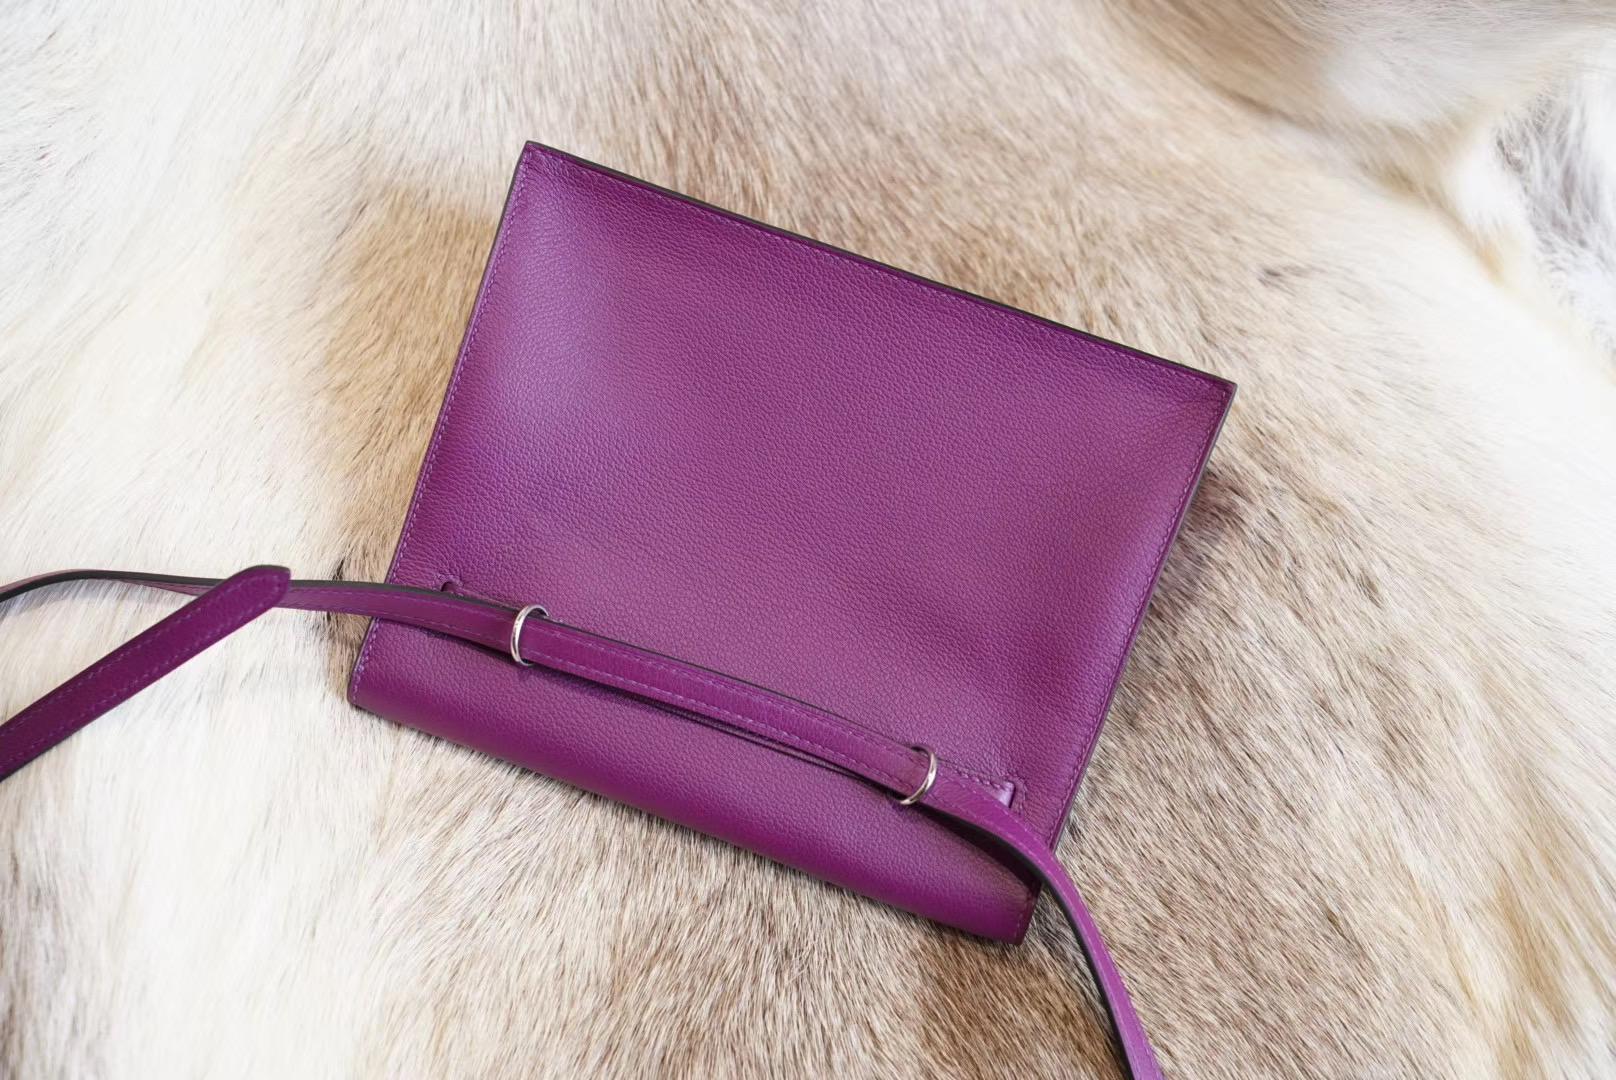 最新真品开版 Kelly danse ll  P9海葵紫 独家原厂evercolor皮 法国蜡线 全手缝